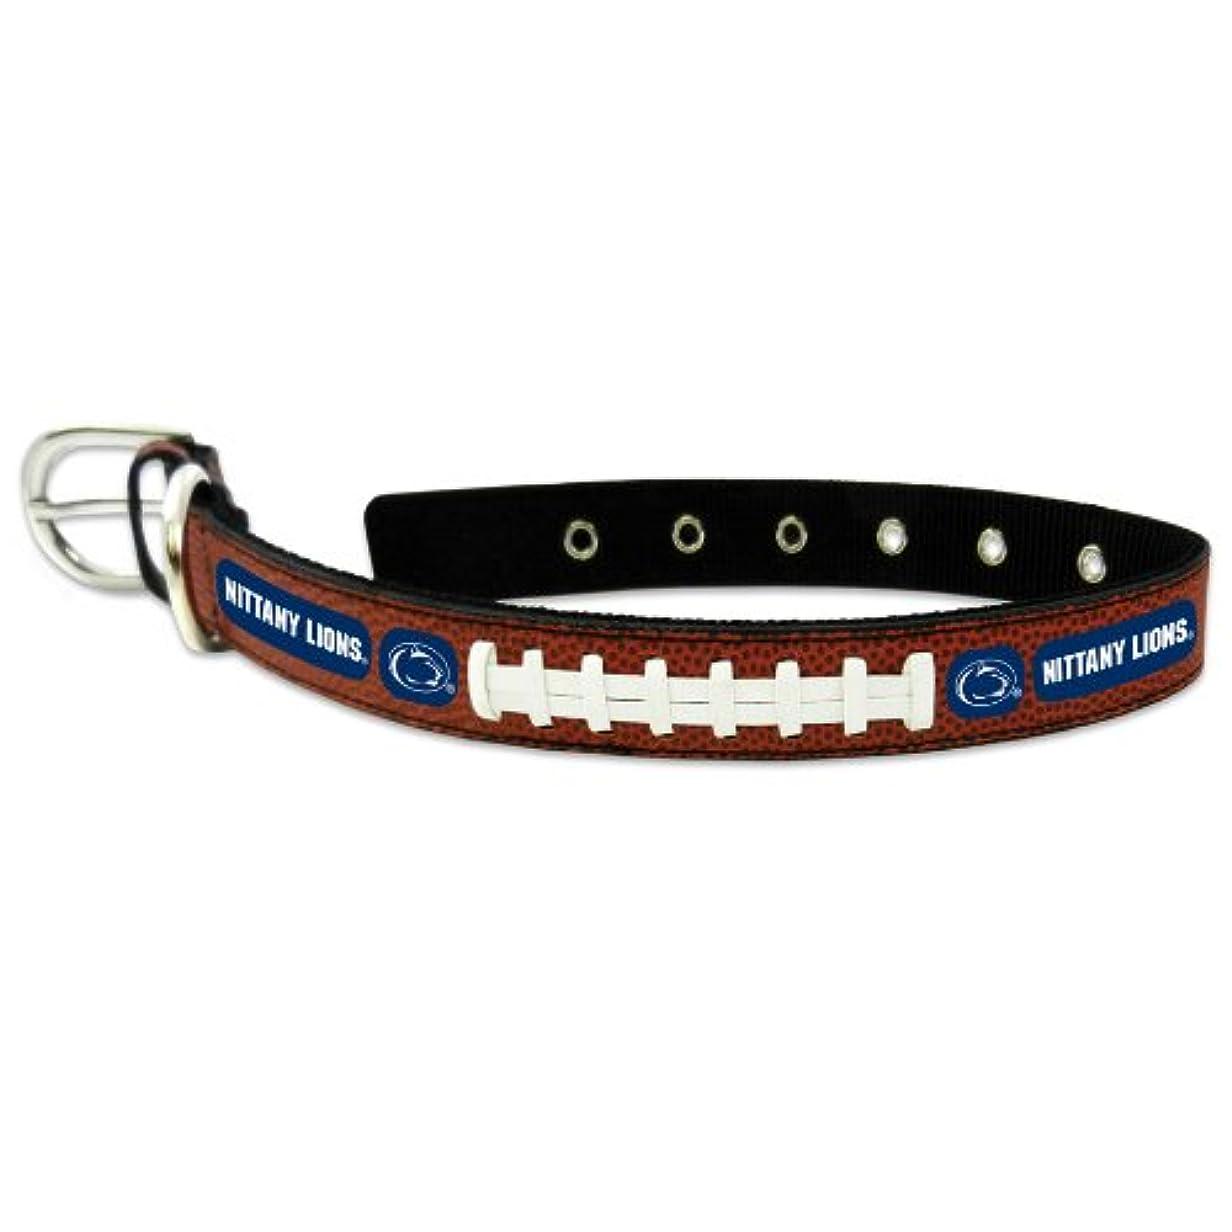 ひいきにするジュラシックパーク効果Penn State Nittany Lions Classic Leather Large Football Collar